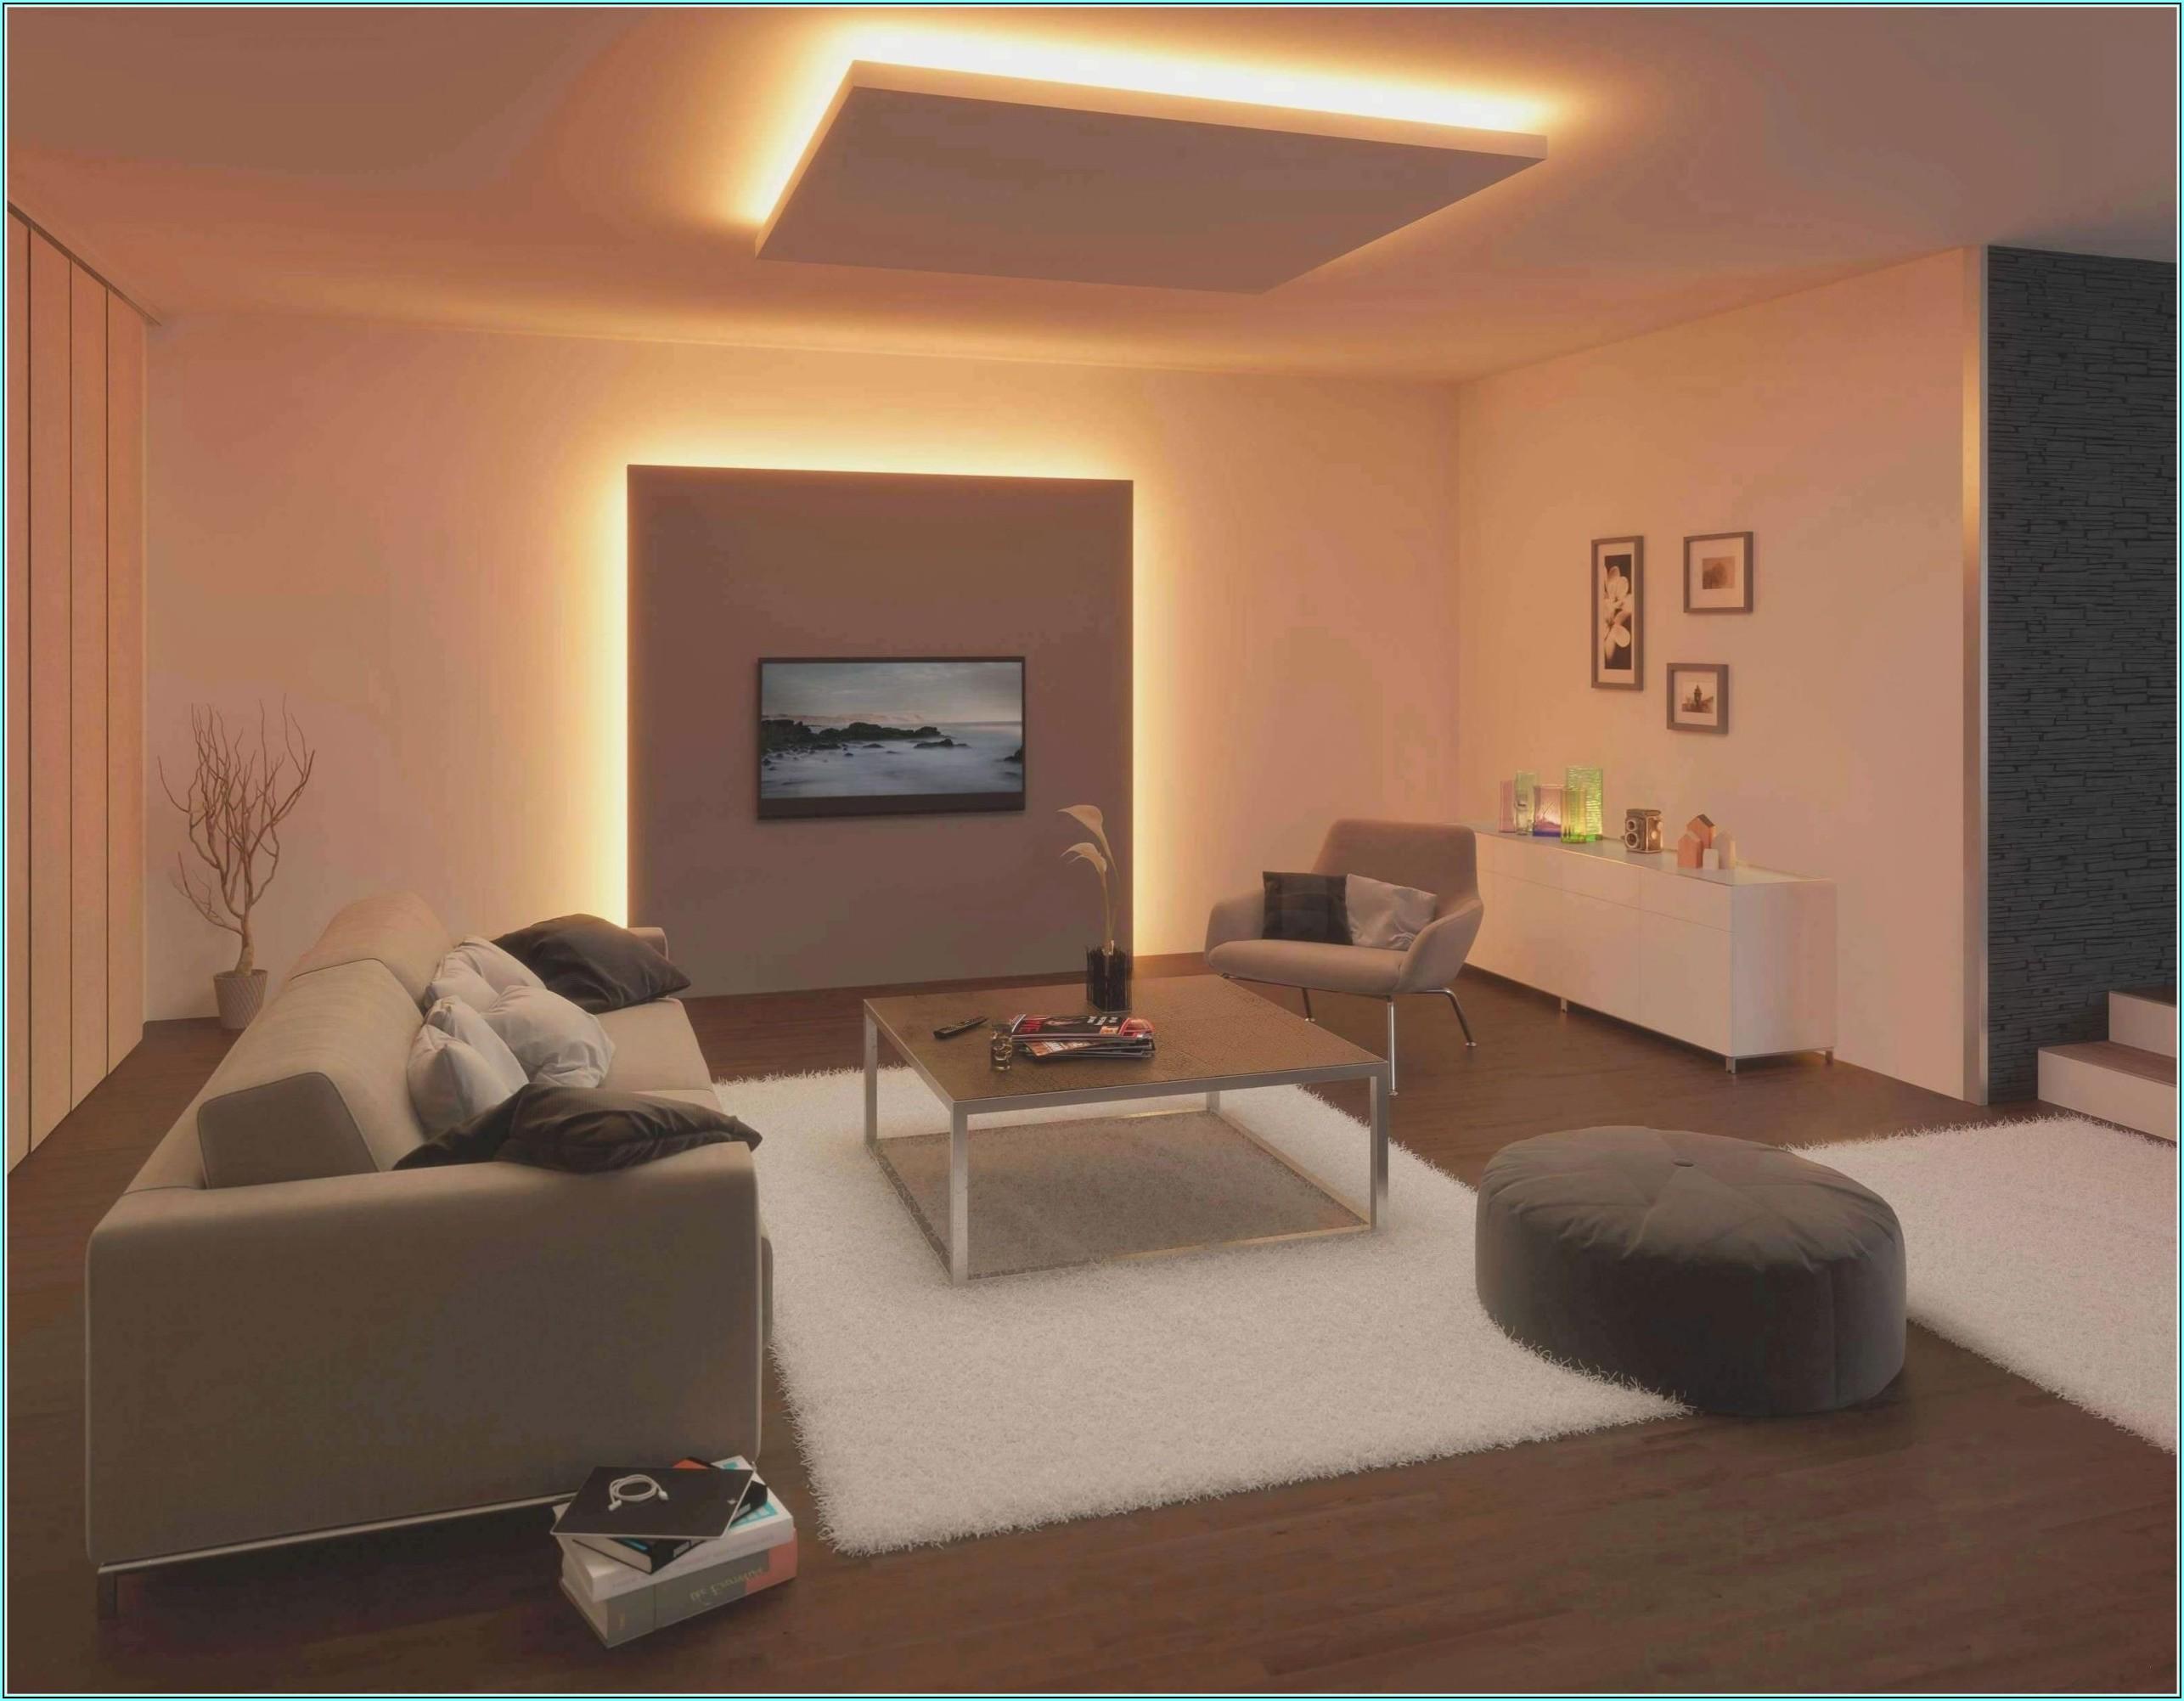 Wohnzimmer Einrichten Ideen Landhausstil